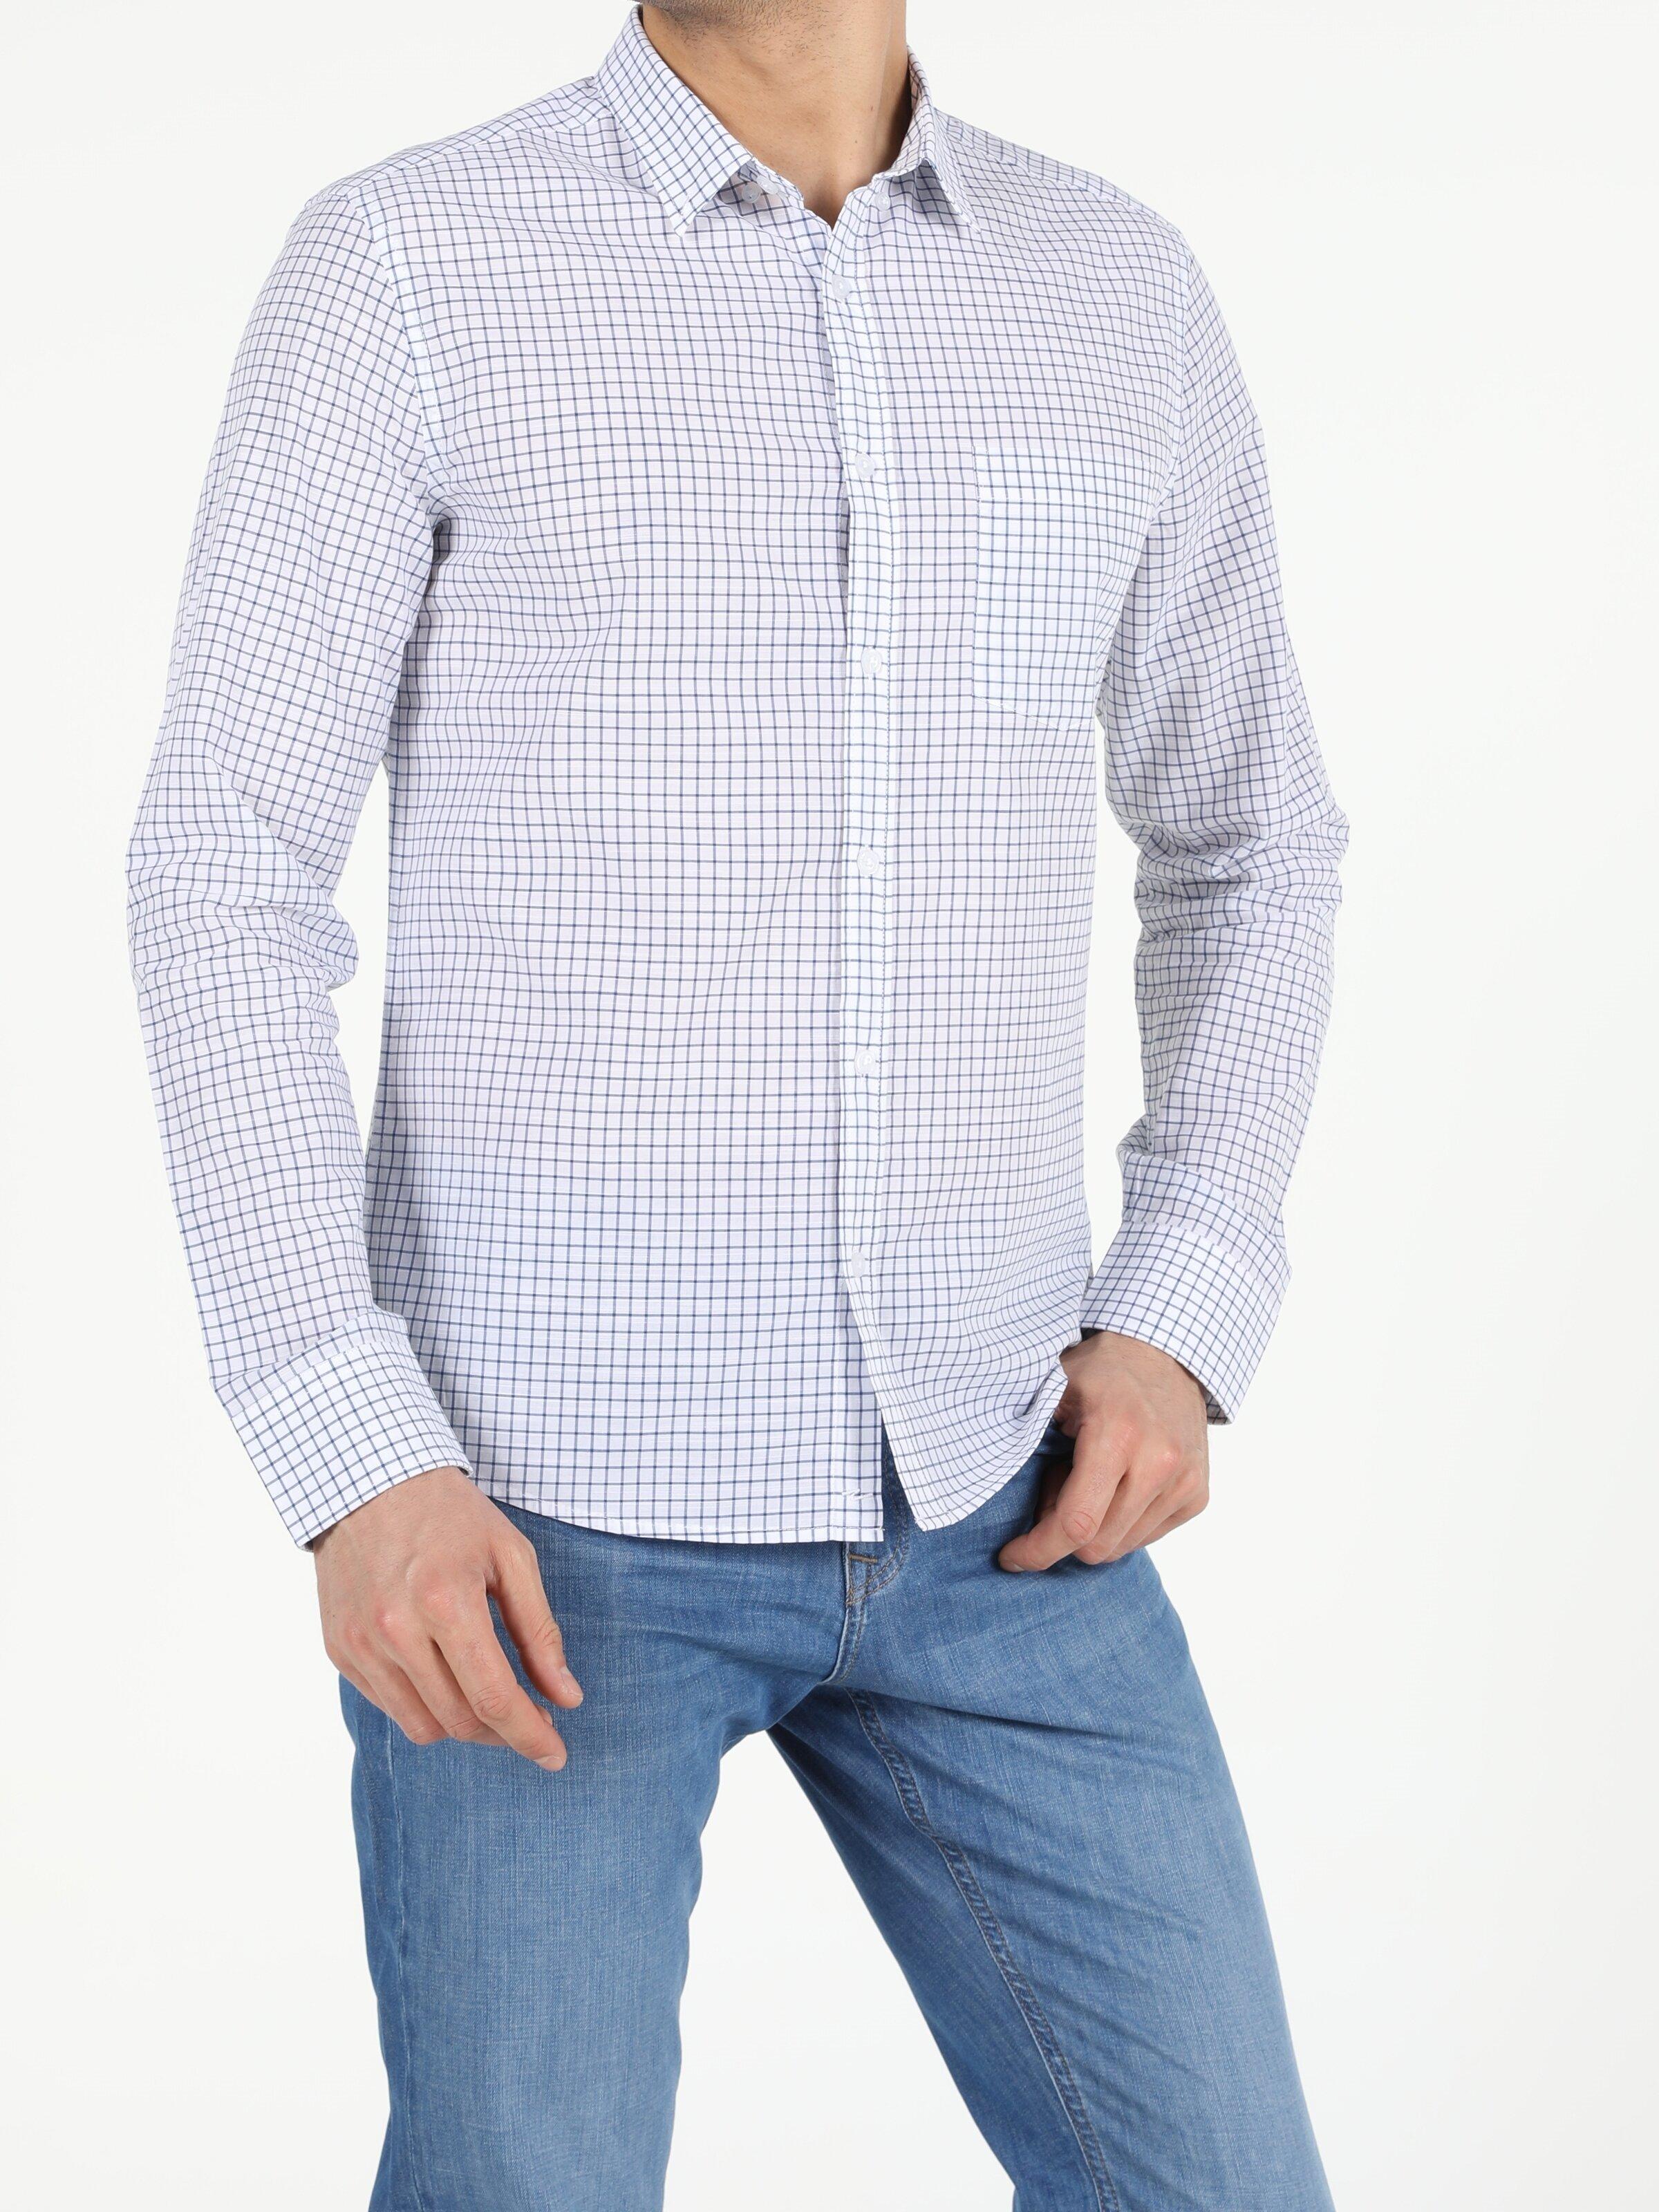 Показать информацию о Мужская рубашка с длинним рукавом slim fit CL1053803